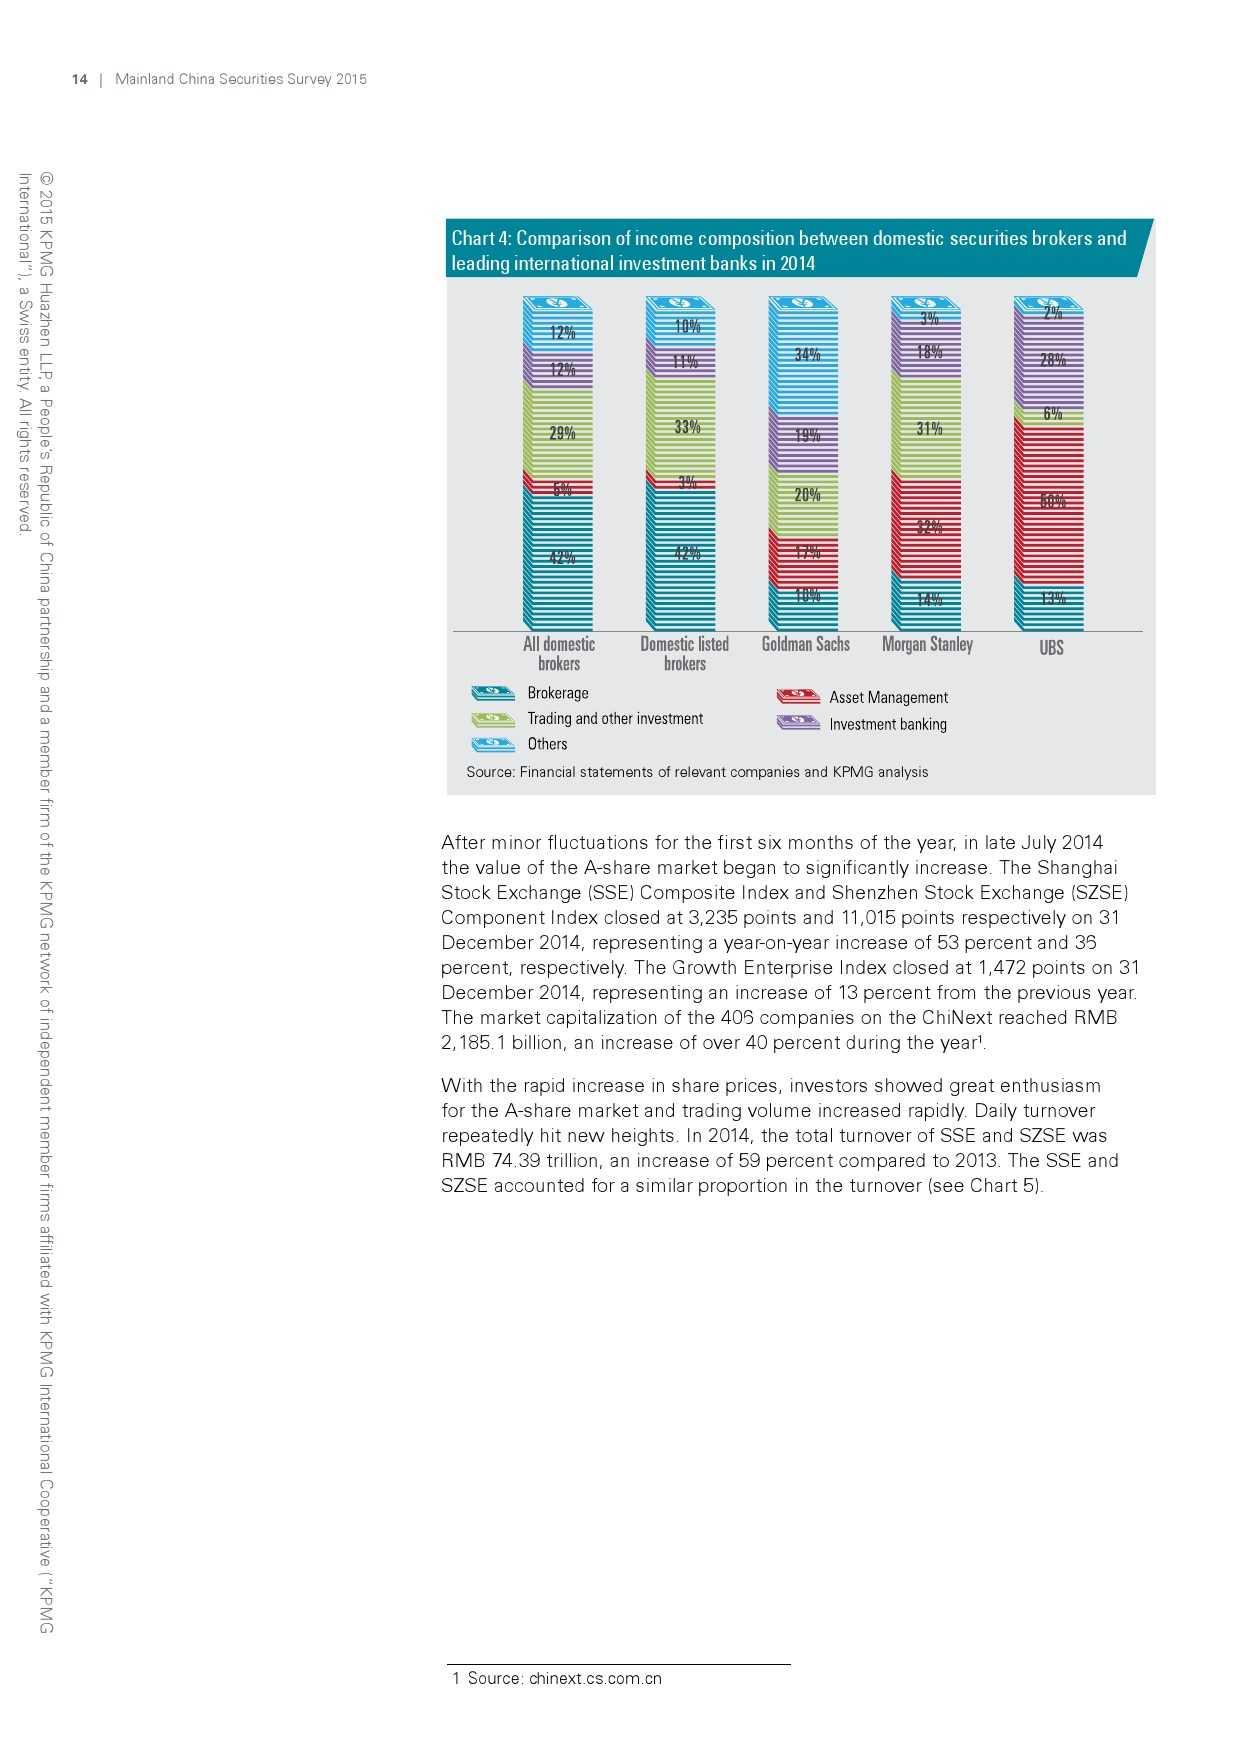 毕马威:2015年中国证券业调查报告_000016